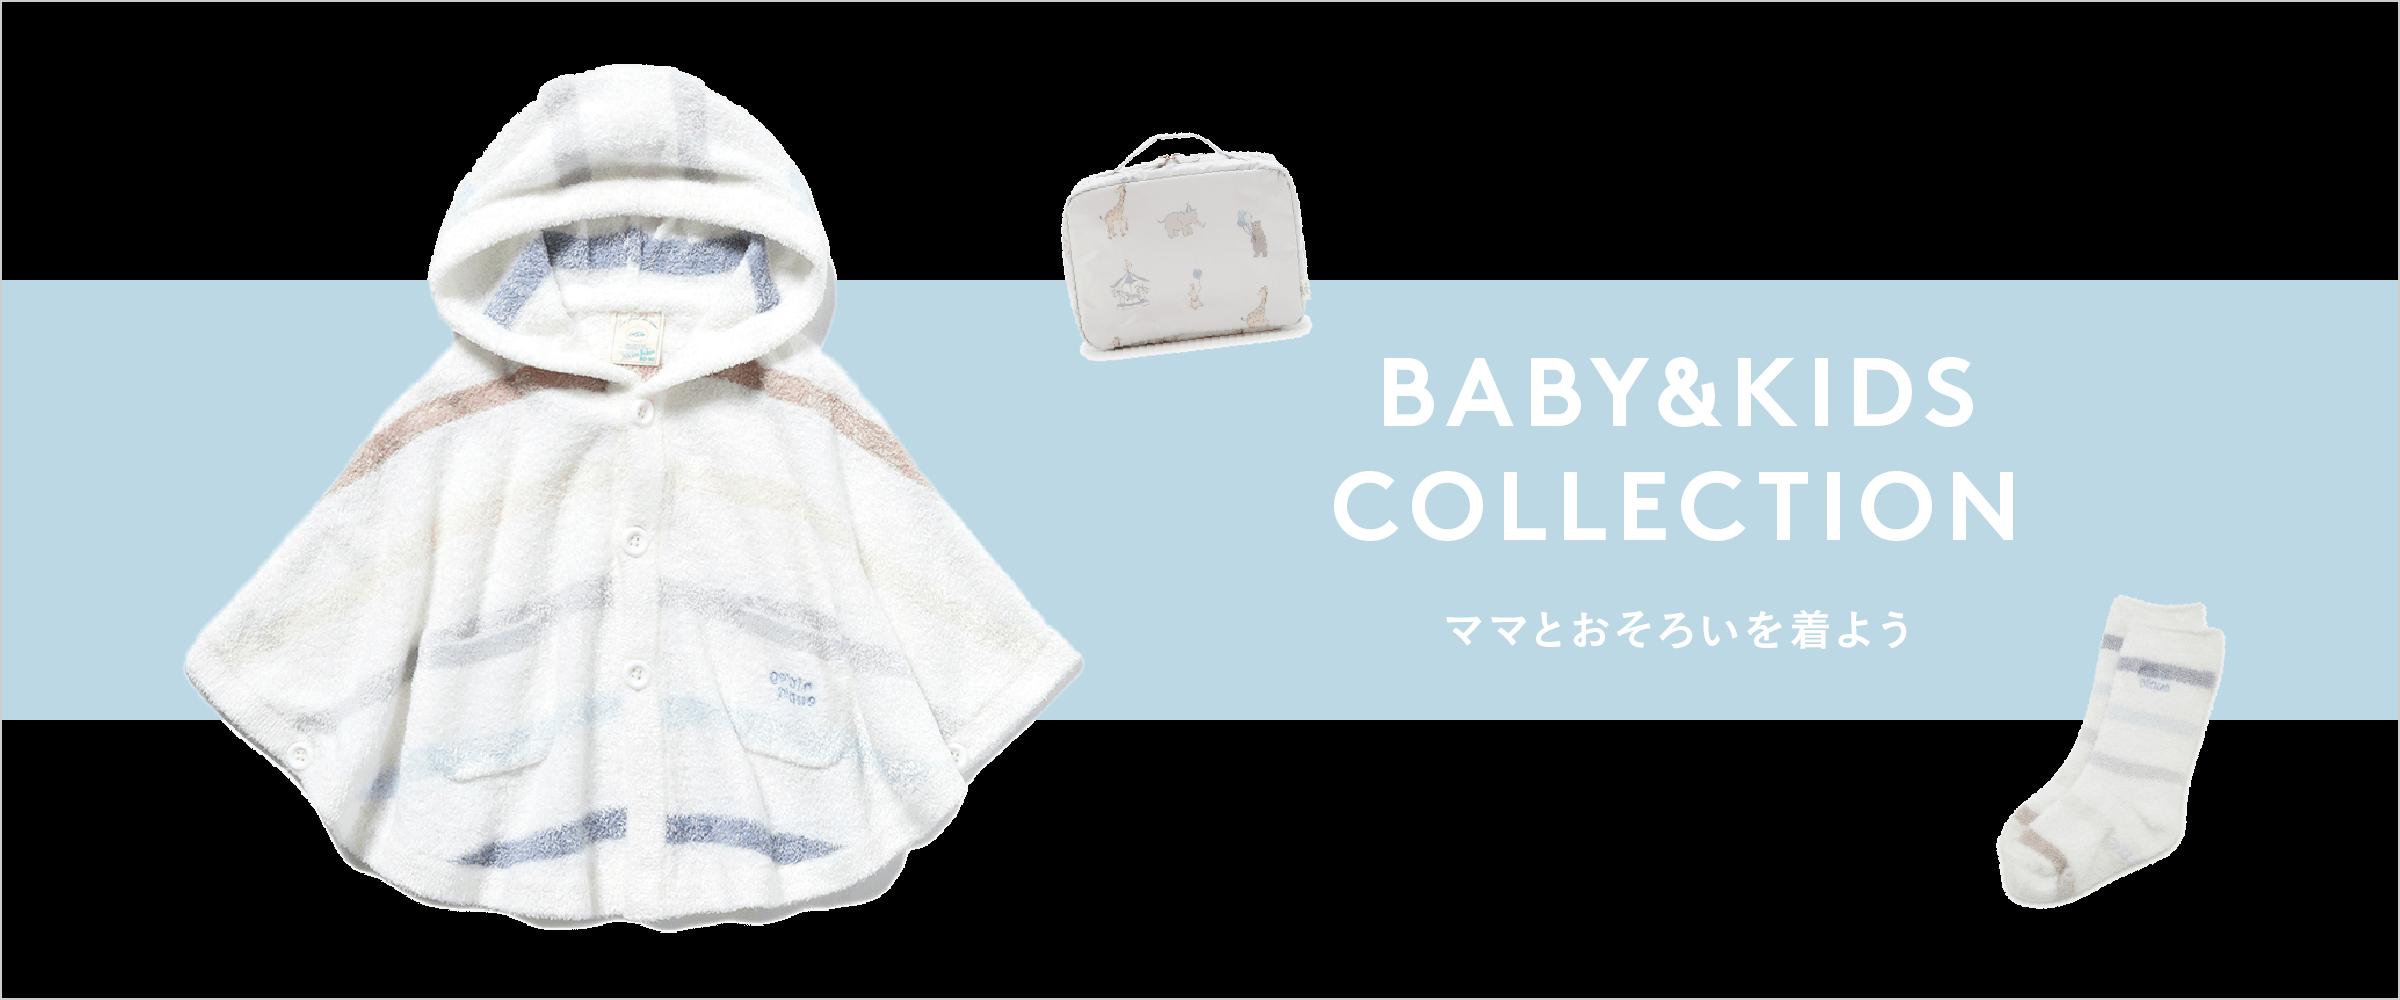 BABY&KIDS COLLECTION ママとおそろいを着よう